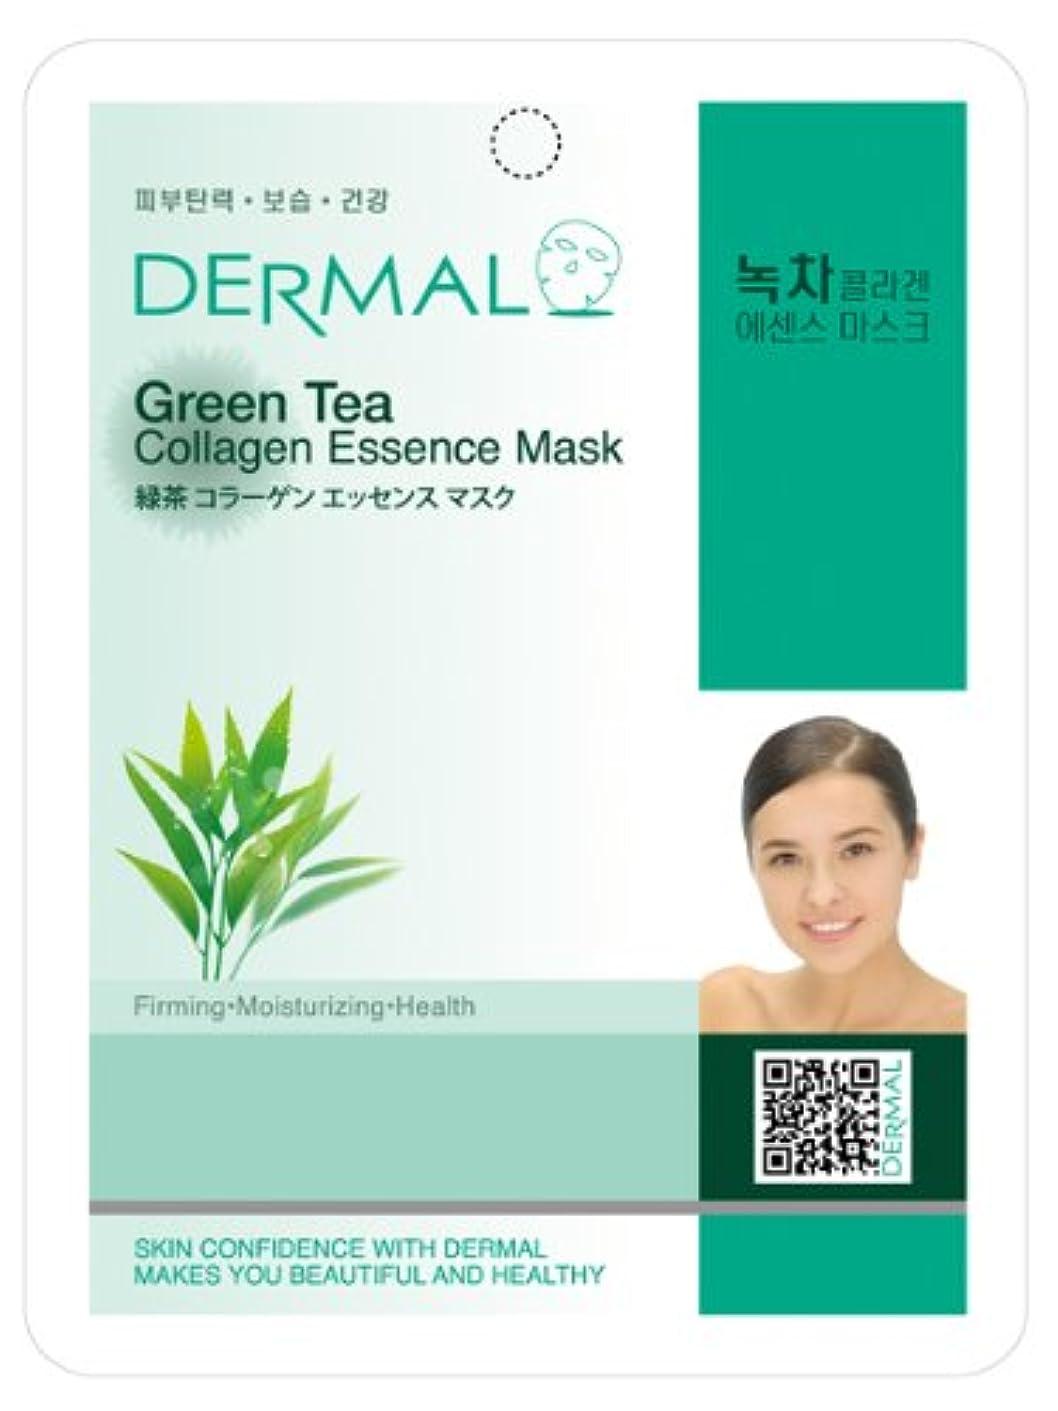 膨らませる海外で法令シートマスク 緑茶 100枚セット ダーマル(Dermal) フェイス パック